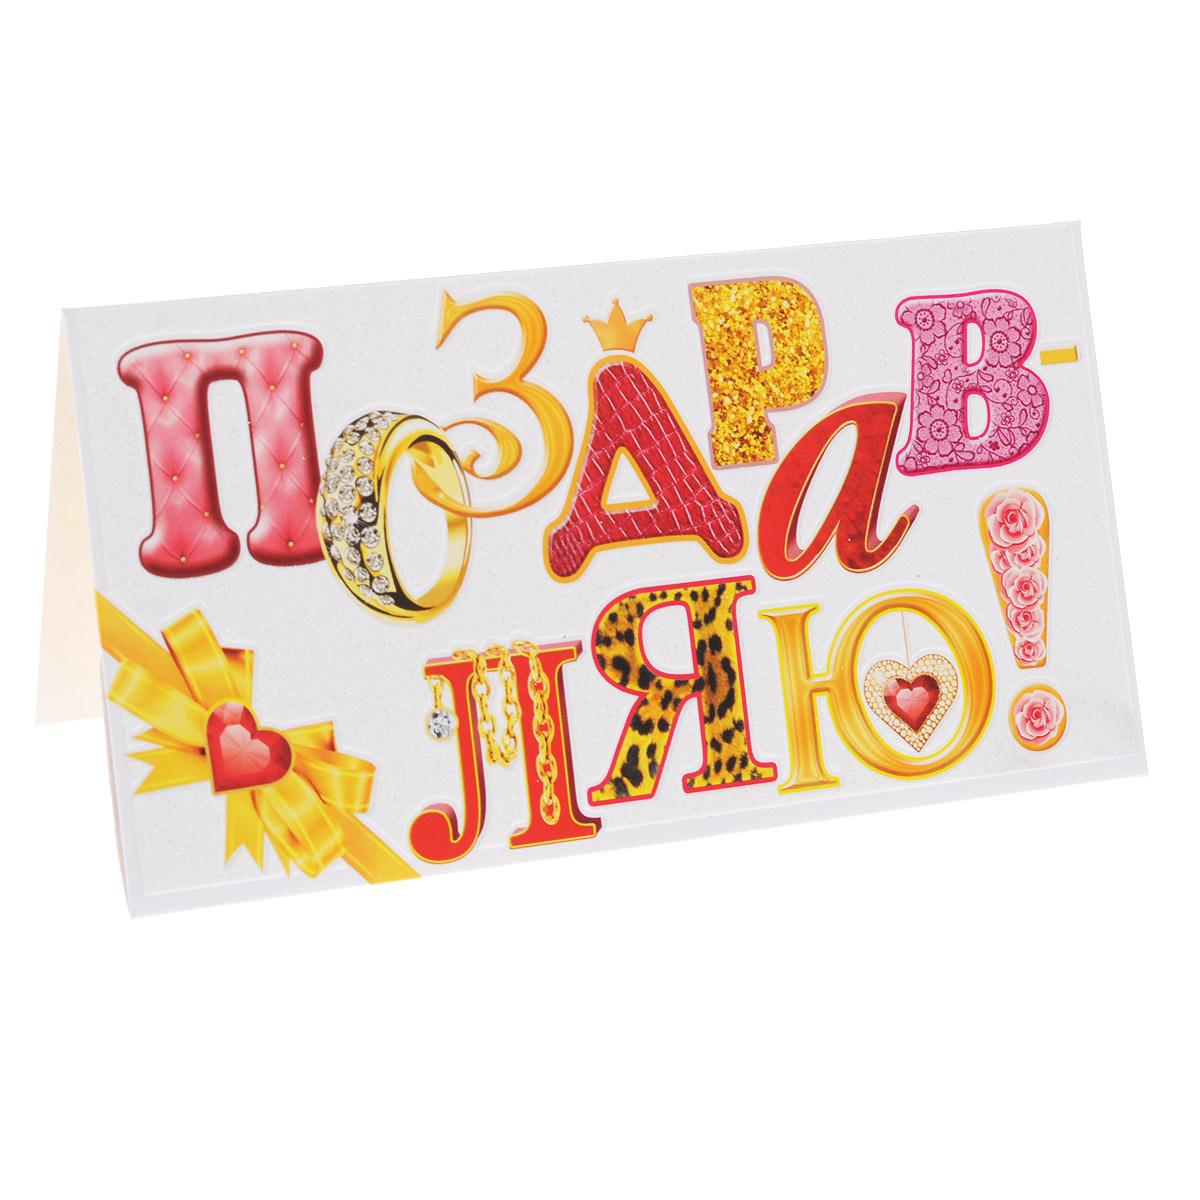 Конверт для денег Поздравляю!. 11132381113238Конверт для денег Поздравляю! выполнен из плотной бумаги и украшен яркой праздничной картинкой. Это необычная красивая одежка для денежного подарка, а так же отличная возможность сделать его более праздничным и создать прекрасное настроение! Конверт Поздравляю!- идеальное решение, если вы хотите подарить деньги.